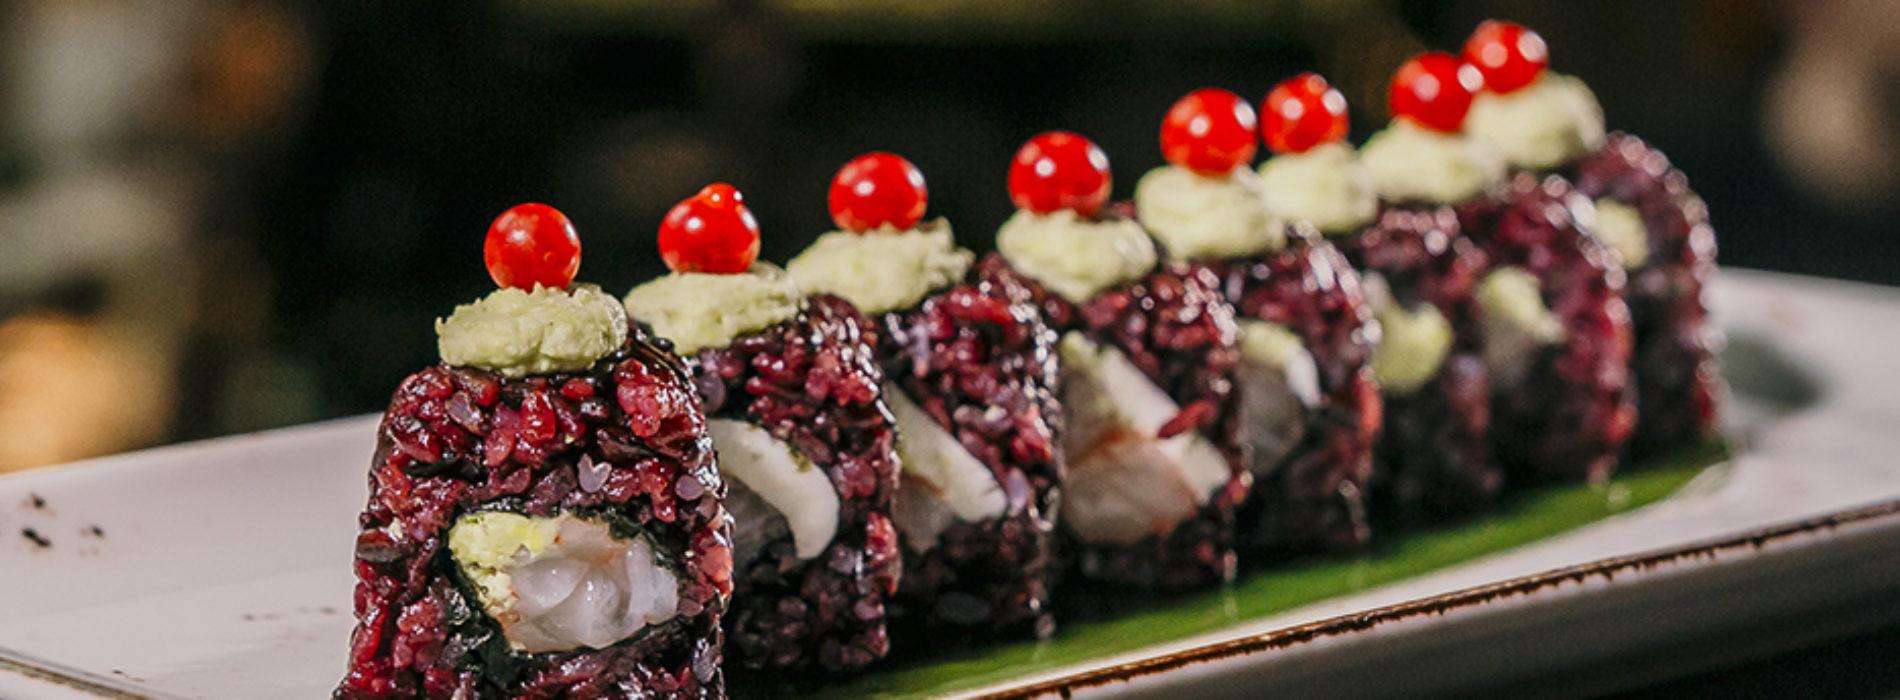 Shabu Milano, sushi a prezzo fisso con qualità e ingredienti italiani